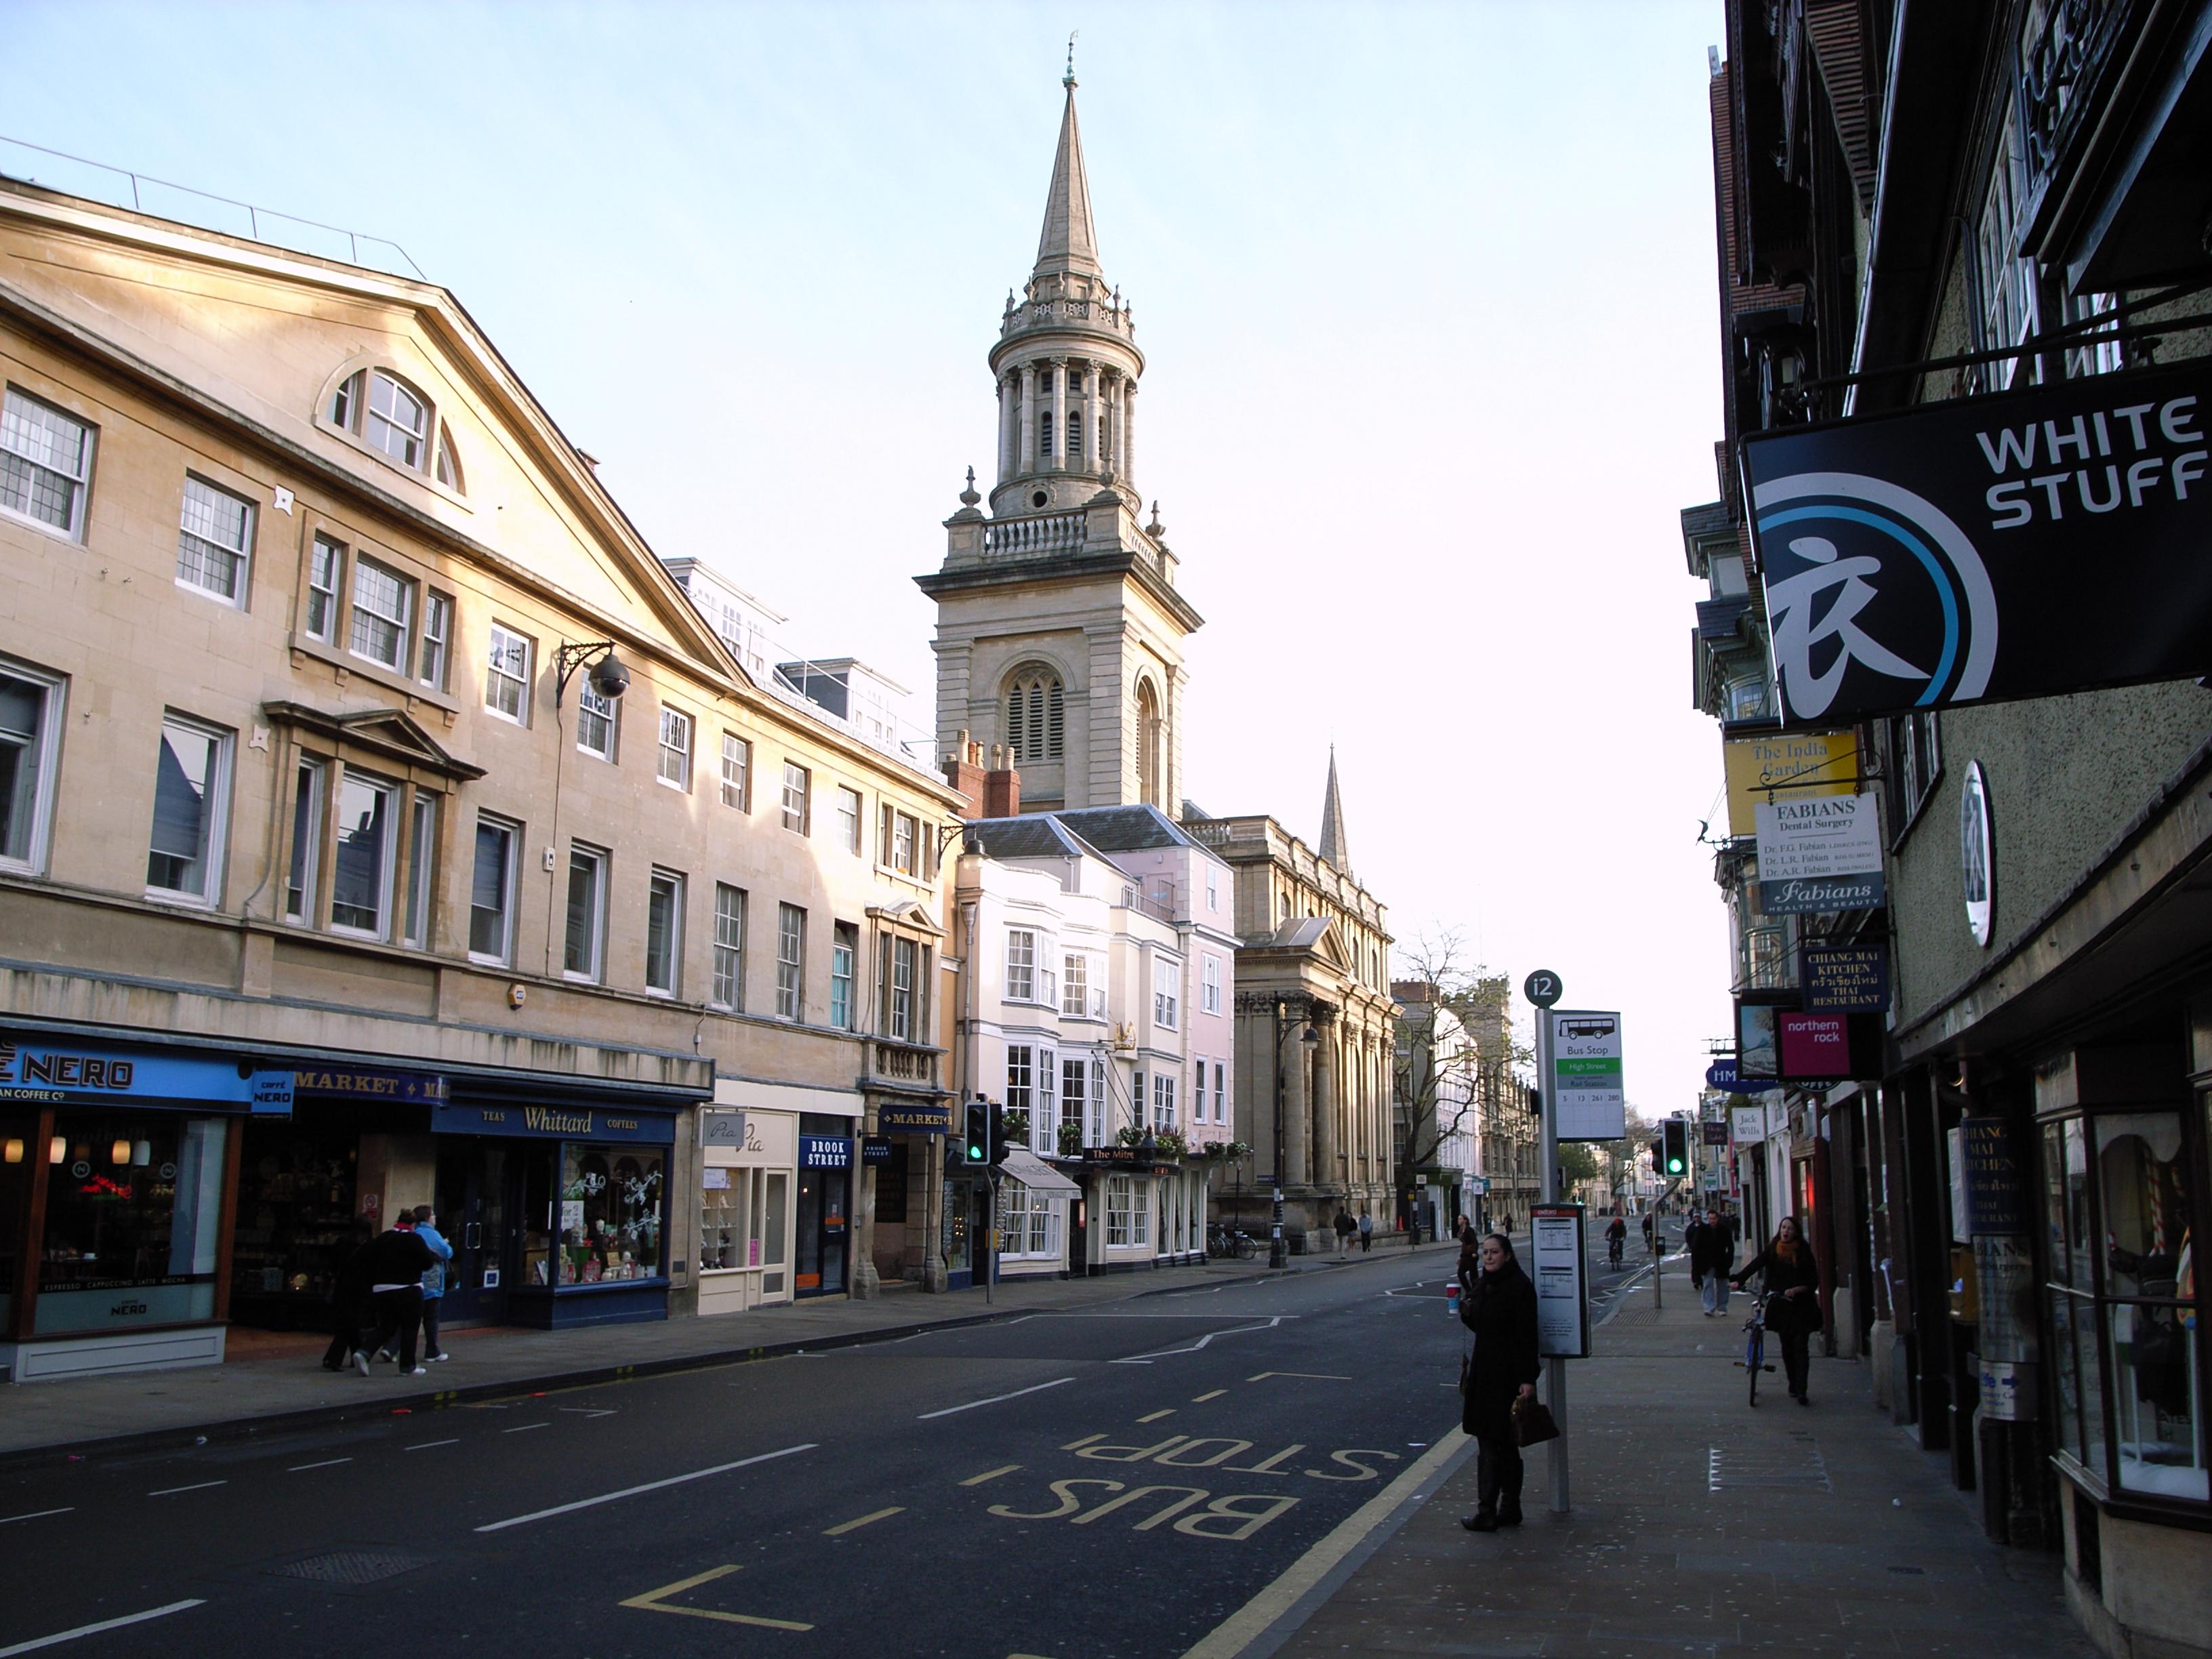 All_Saints_Church_Oxford.jpg